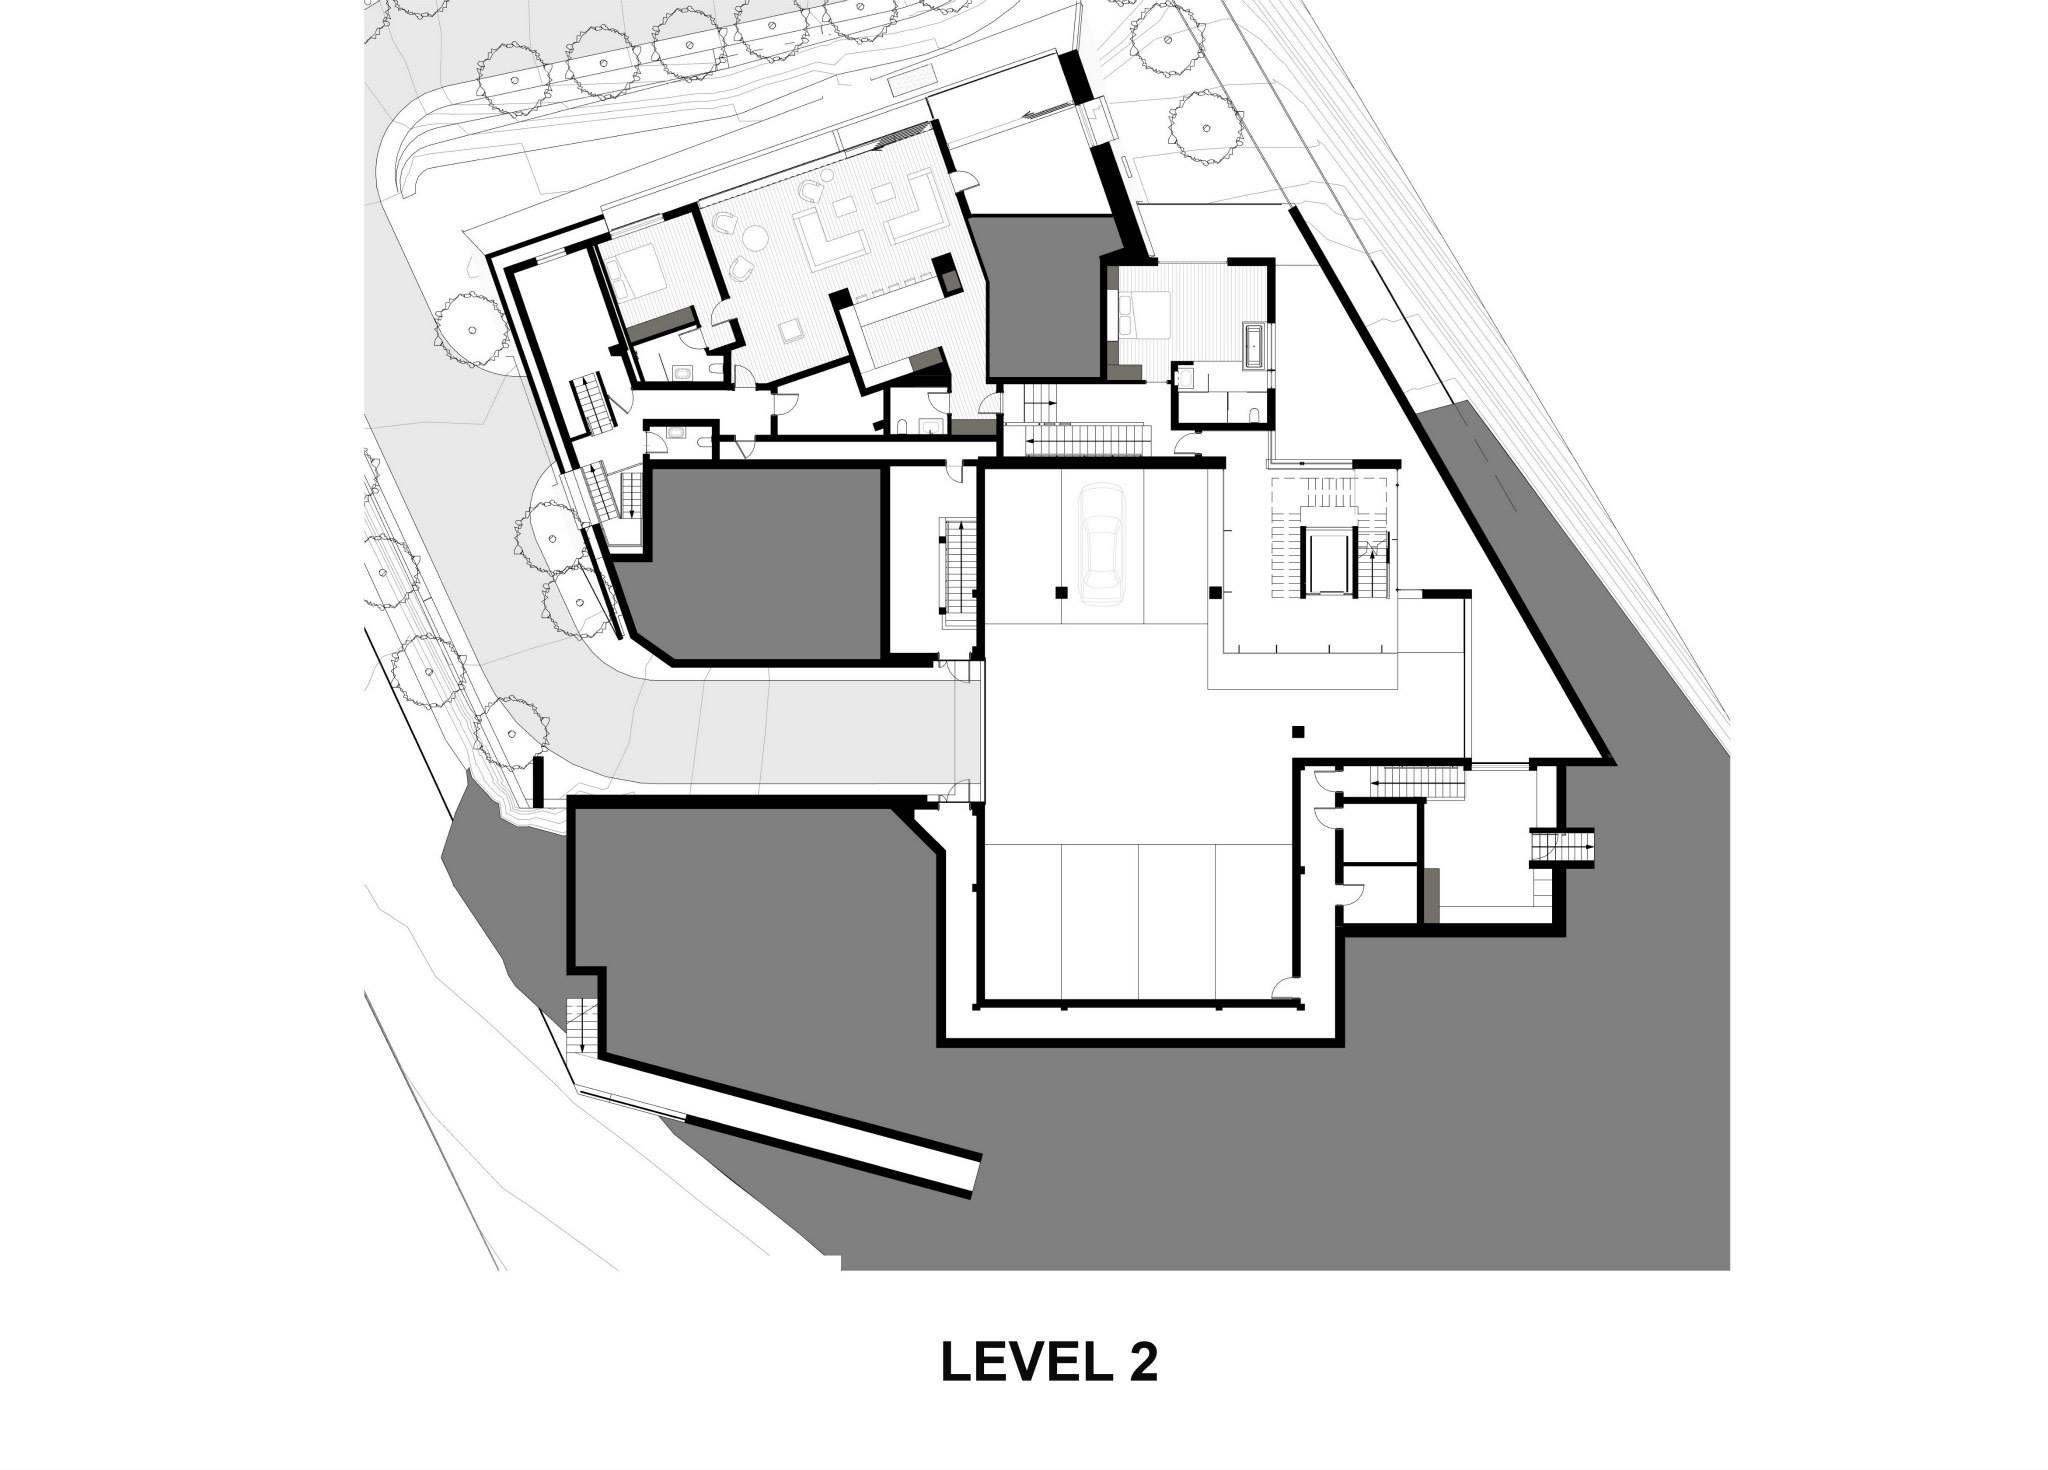 Ovd 919 House By Saota